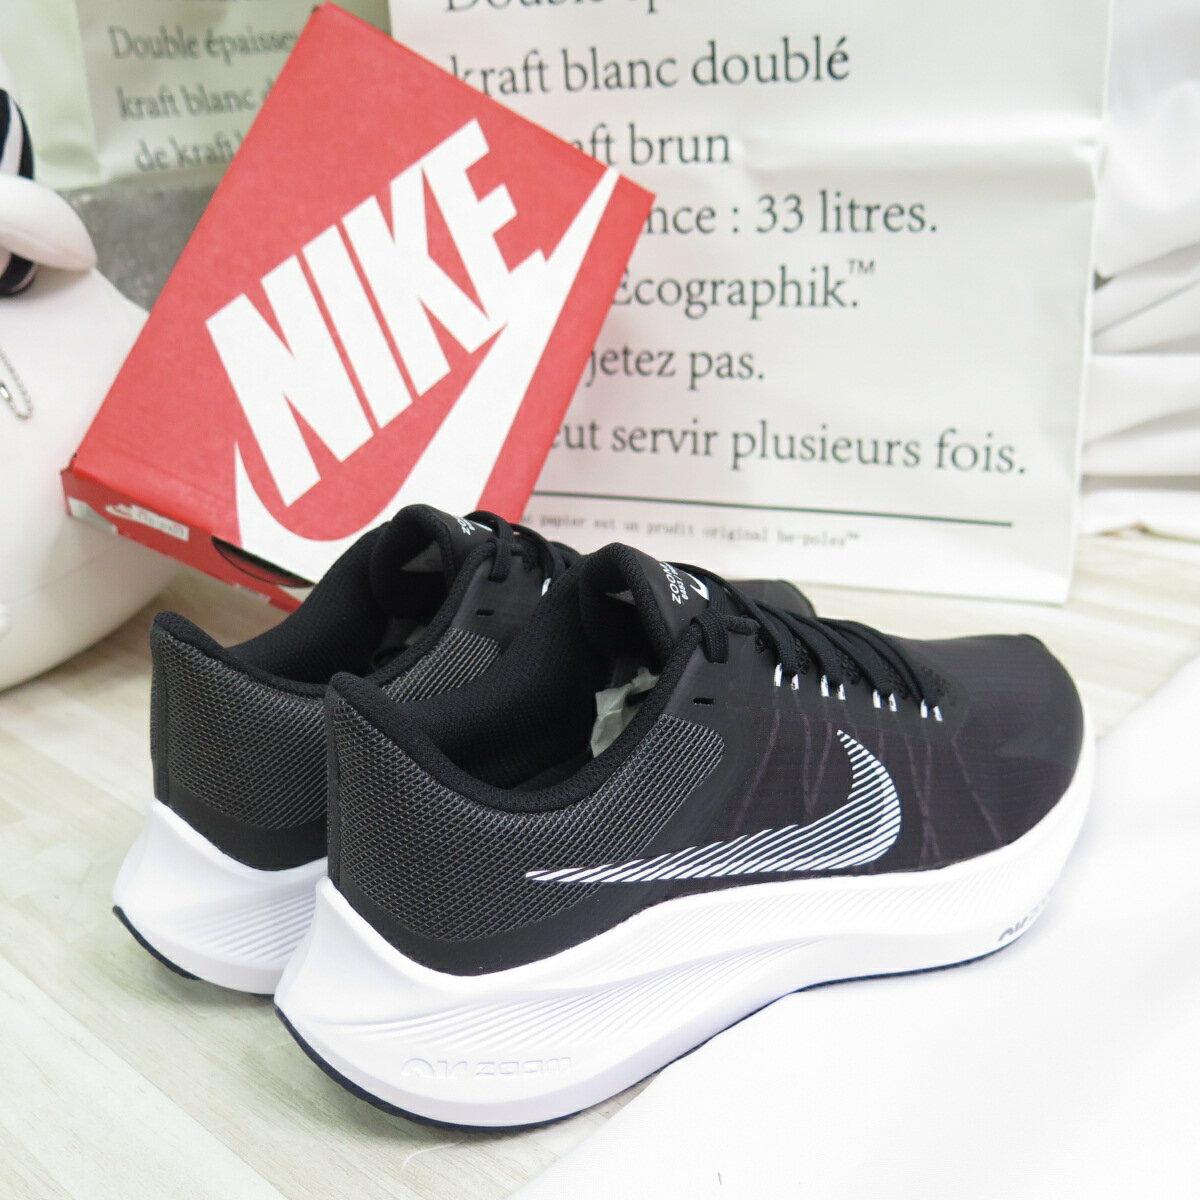 【滿額領券折$150】NIKE AIR ZOOM WINFLO 8 運動鞋 女款 慢跑鞋 CW3421005 黑【iSport愛運動】